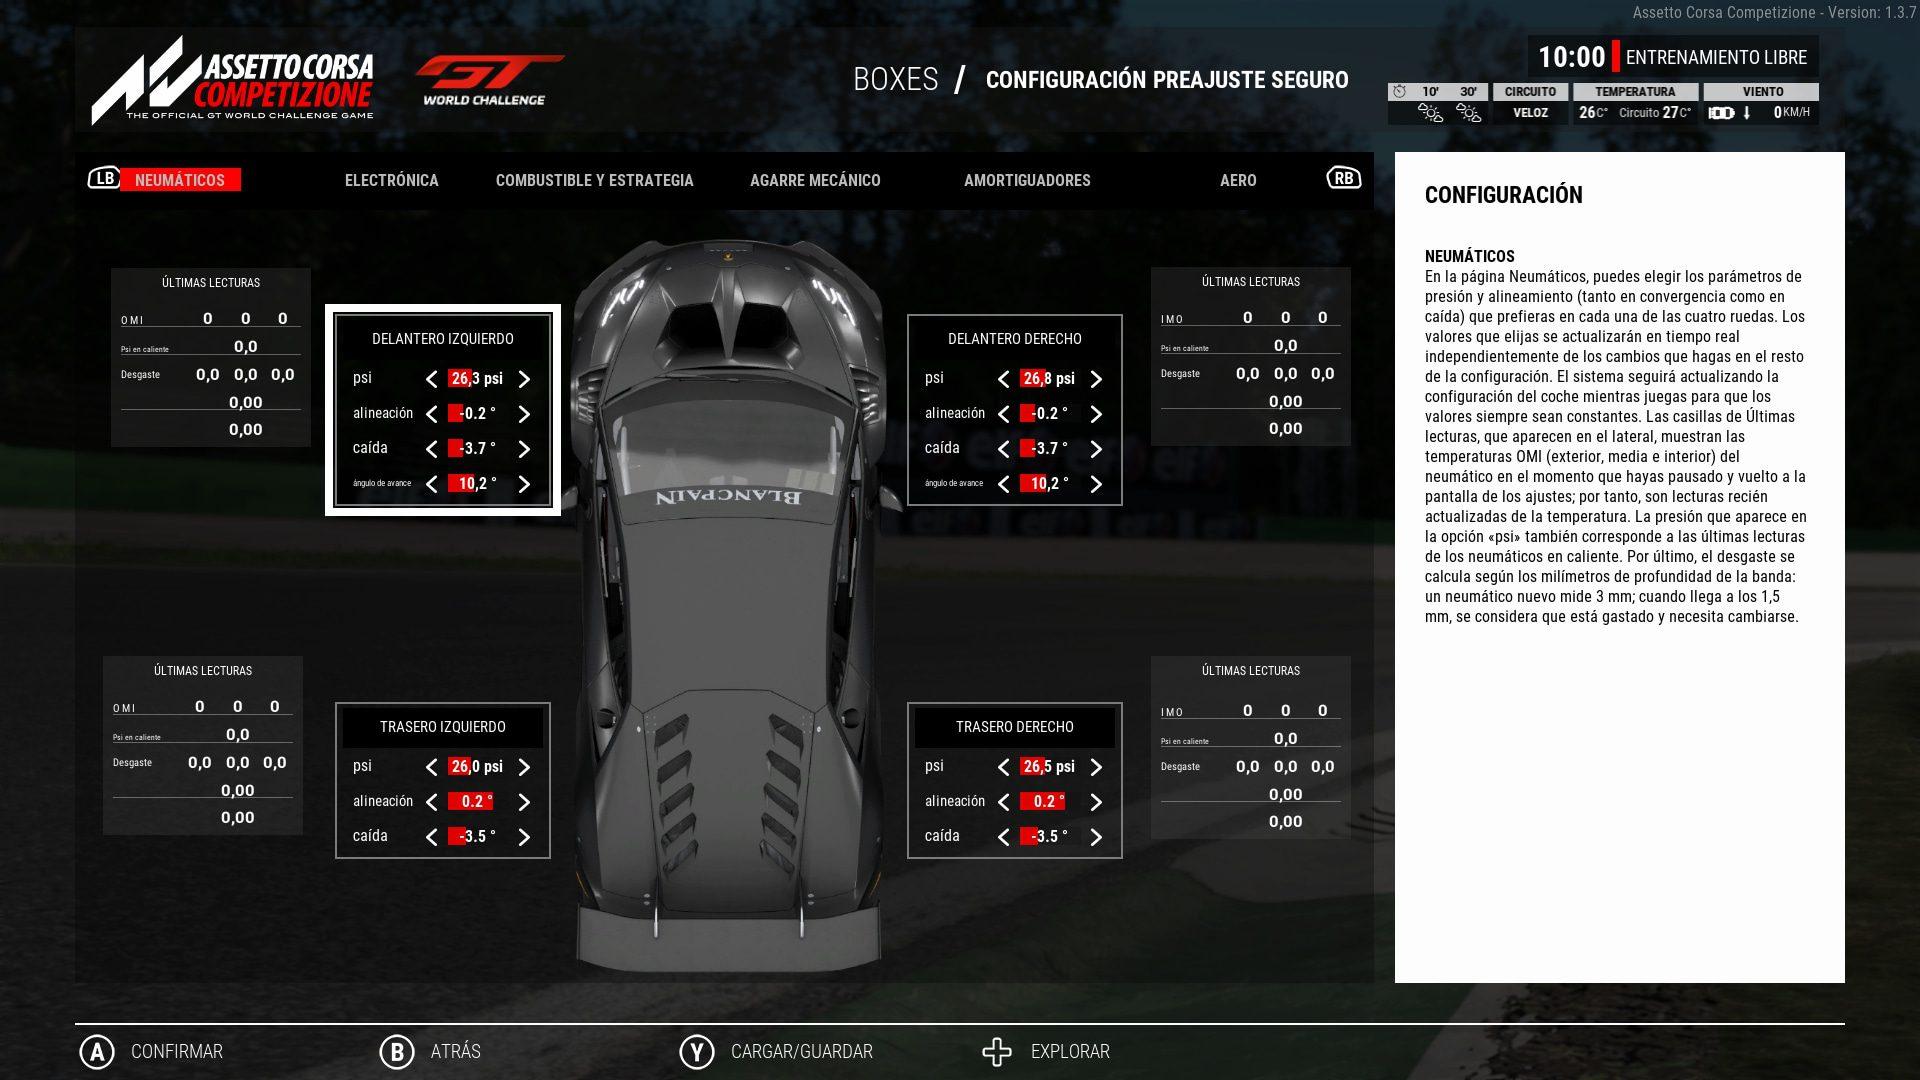 Análisis de Assetto Corsa Competizione